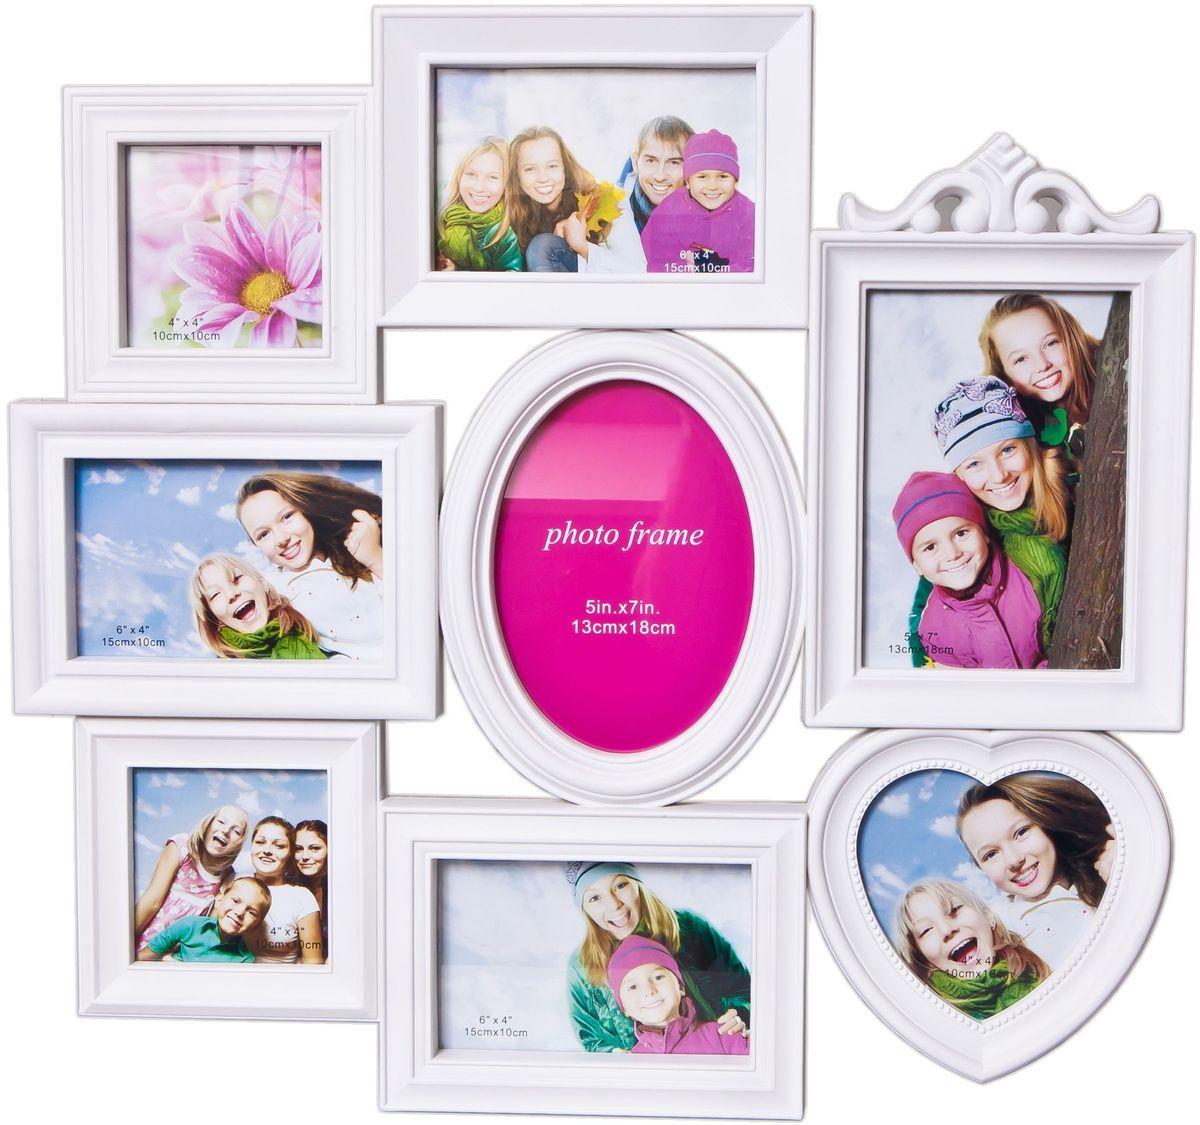 Фоторамка Platinum, цвет: белый, на 8 фото. BH-1318PLATINUM BH-1318-White-БелыйФоторамка Platinum - прекрасный способ красиво оформить ваши фотографии. Фоторамка выполнена из пластика и защищена стеклом. Фоторамка-коллаж представляет собой восемь фоторамок для фото разного размера оригинально соединенных между собой. Такая фоторамка поможет сохранить в памяти самые яркие моменты вашей жизни, а стильный дизайн сделает ее прекрасным дополнением интерьера комнаты. Фоторамка подходит для 3 фото 10 х 10 см, 3 фото 10 х 15 см и 2 фото 13 х 18 см. Общий размер фоторамки: 51 х 48 см.